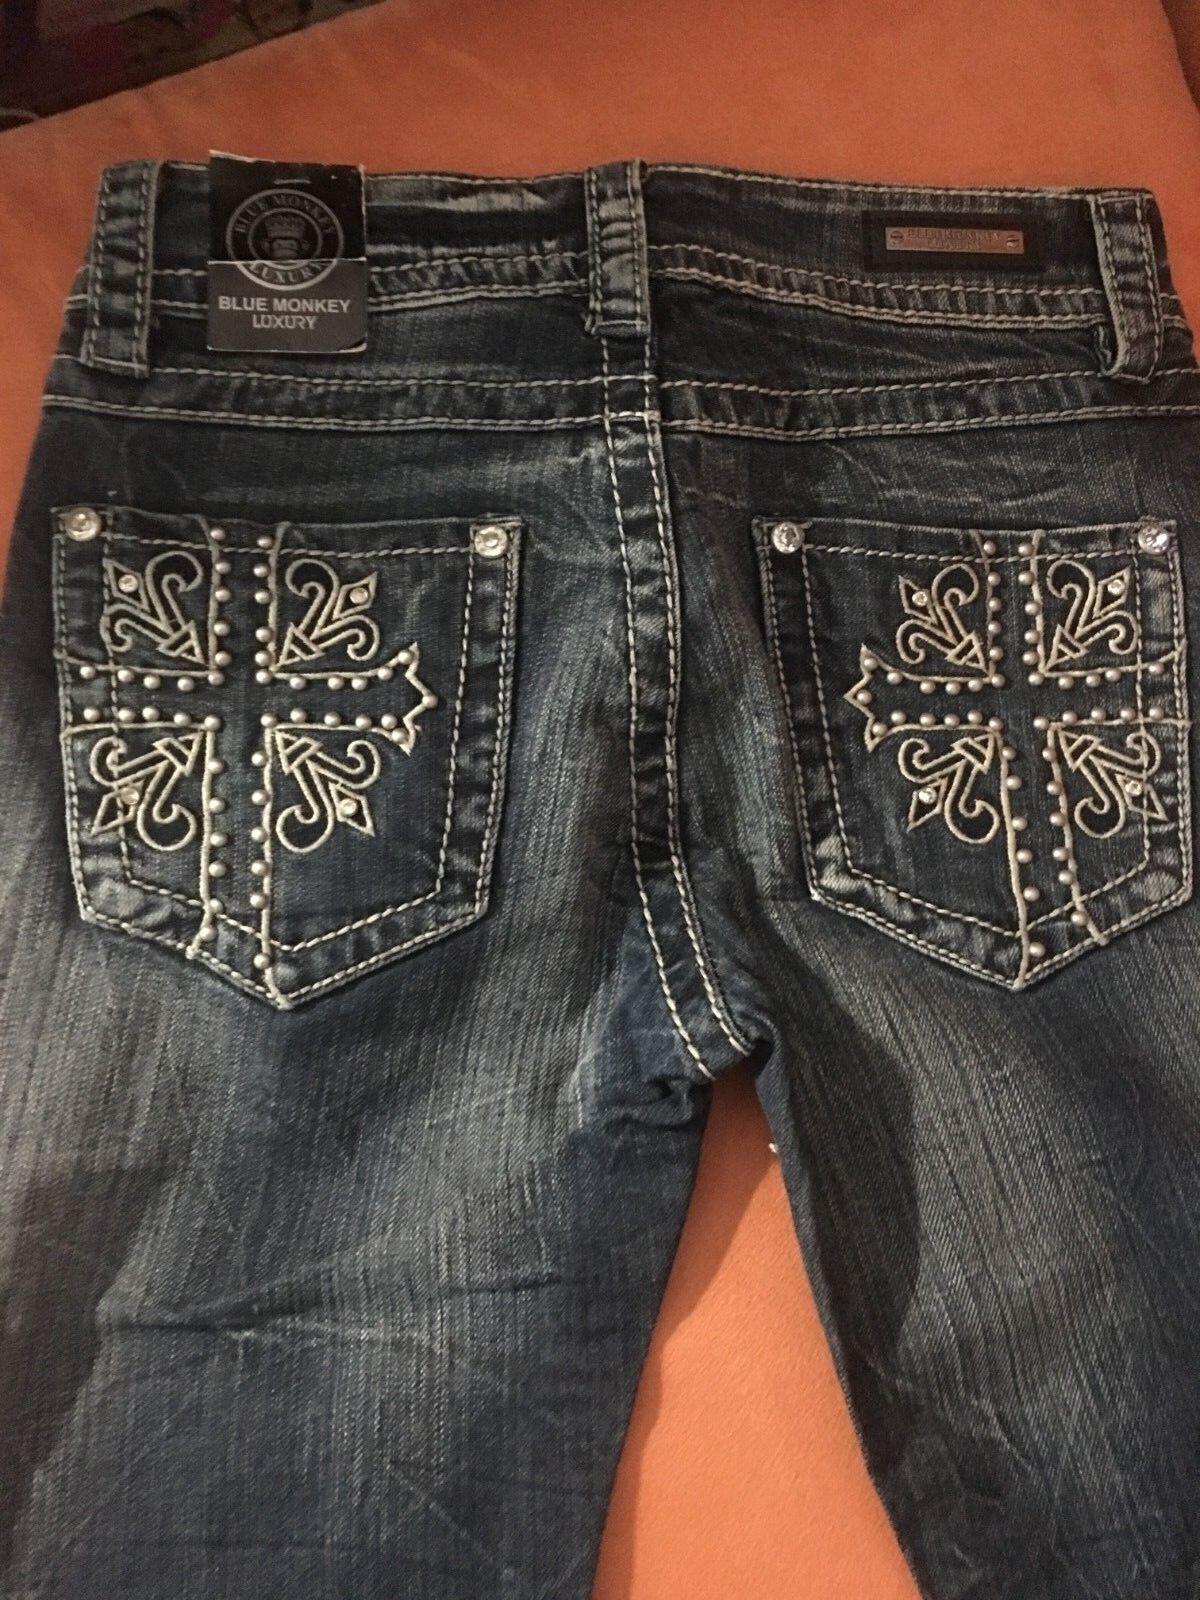 Coole Marken Blau Monkey Jeans Jeanshose NEU 26 32 Nieten Glanzsteine Stickerei